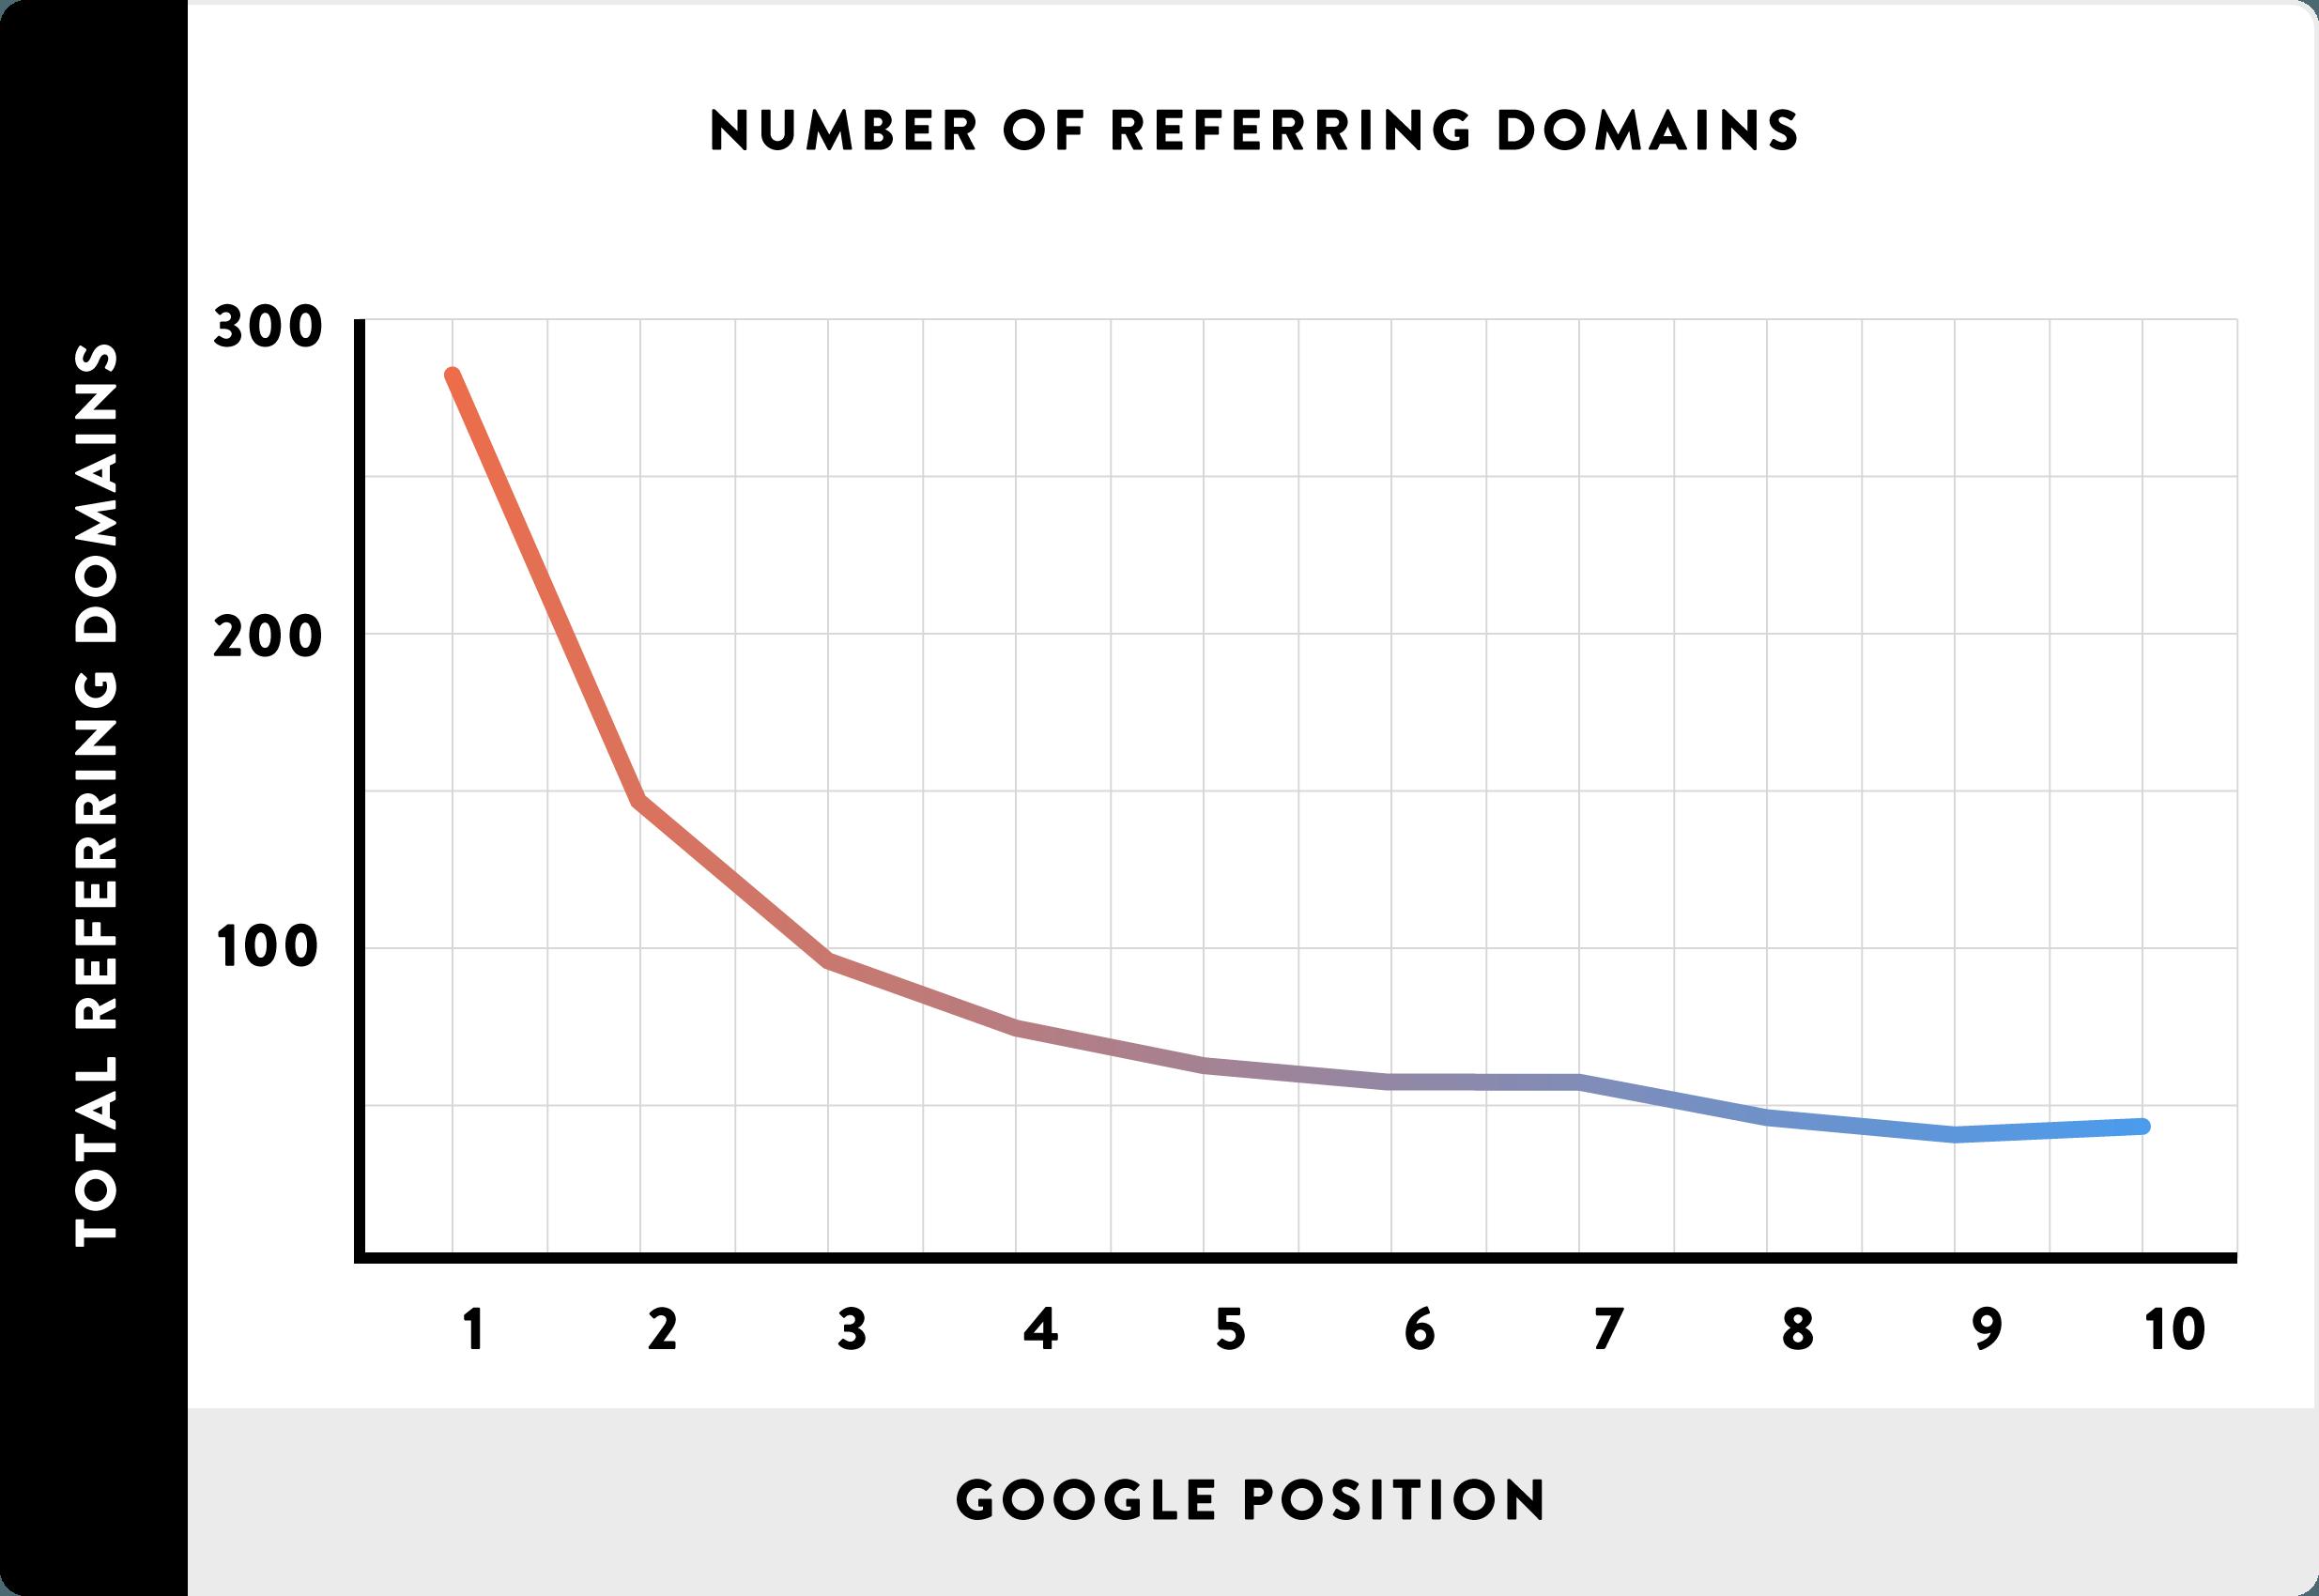 Die Korrelation zwischen der Anzahl der verweisenden Domains und dem Google-Rang